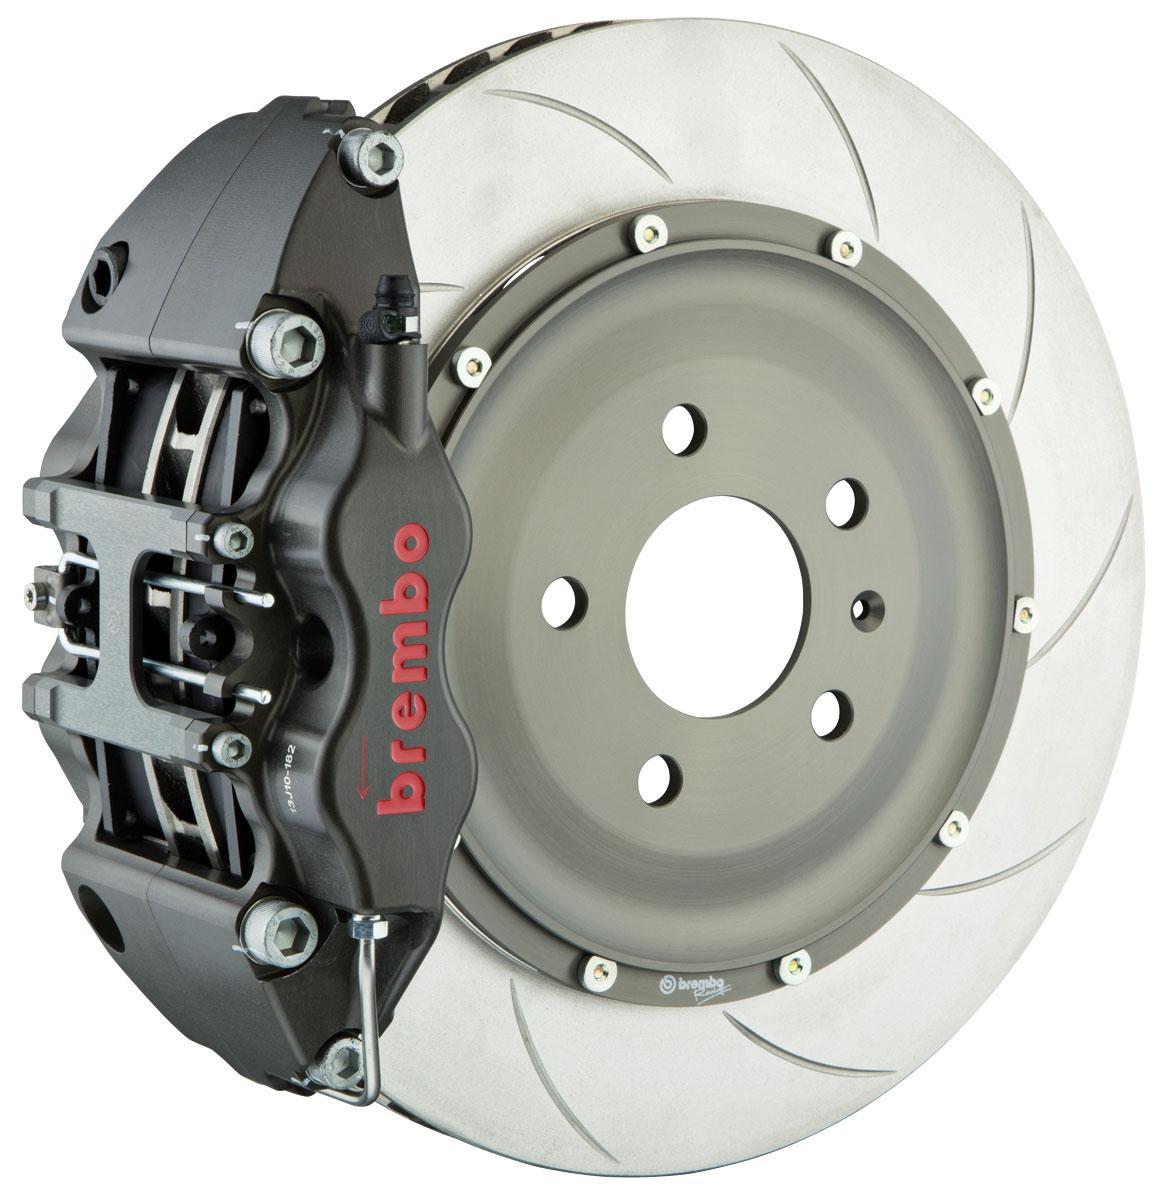 Brake Set, Brembo Race, 09-15 CTS-V, Front, 2pc 380 Rotors, 2pc 4-Piston Caliper